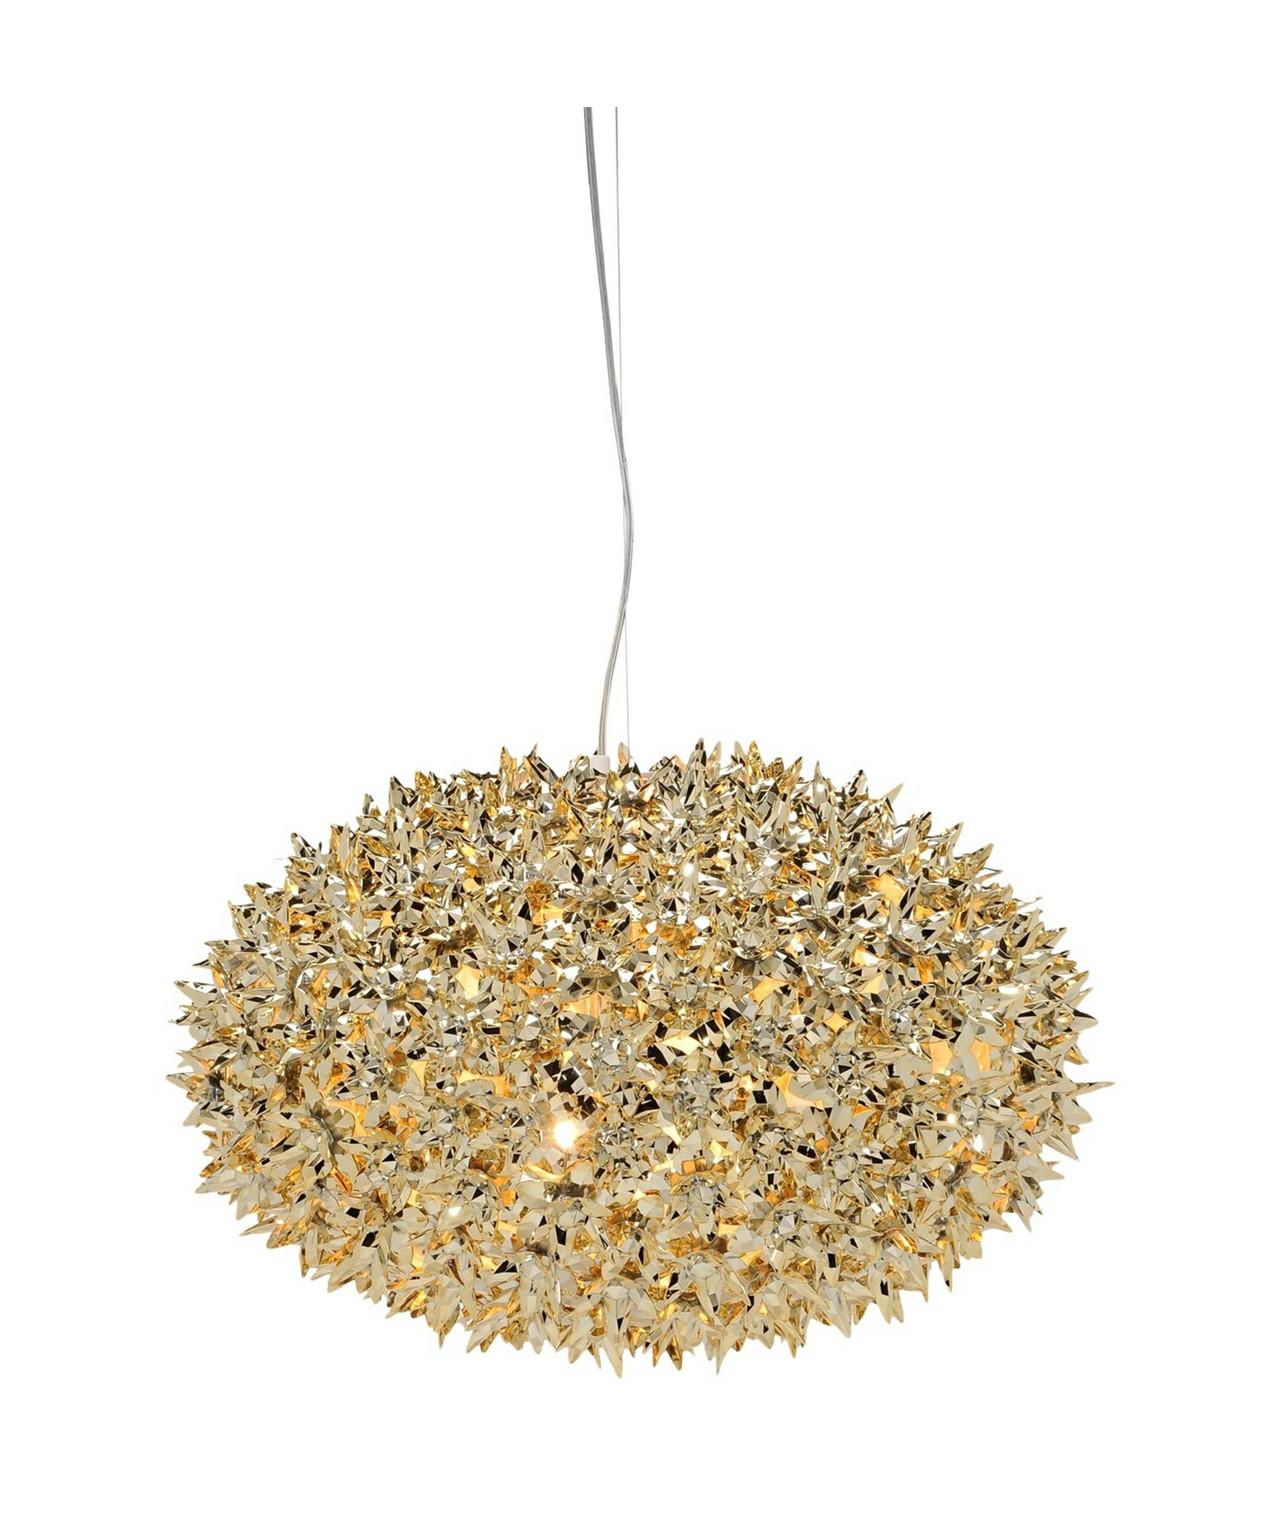 bloom pendelleuchte s1 gold kartell. Black Bedroom Furniture Sets. Home Design Ideas